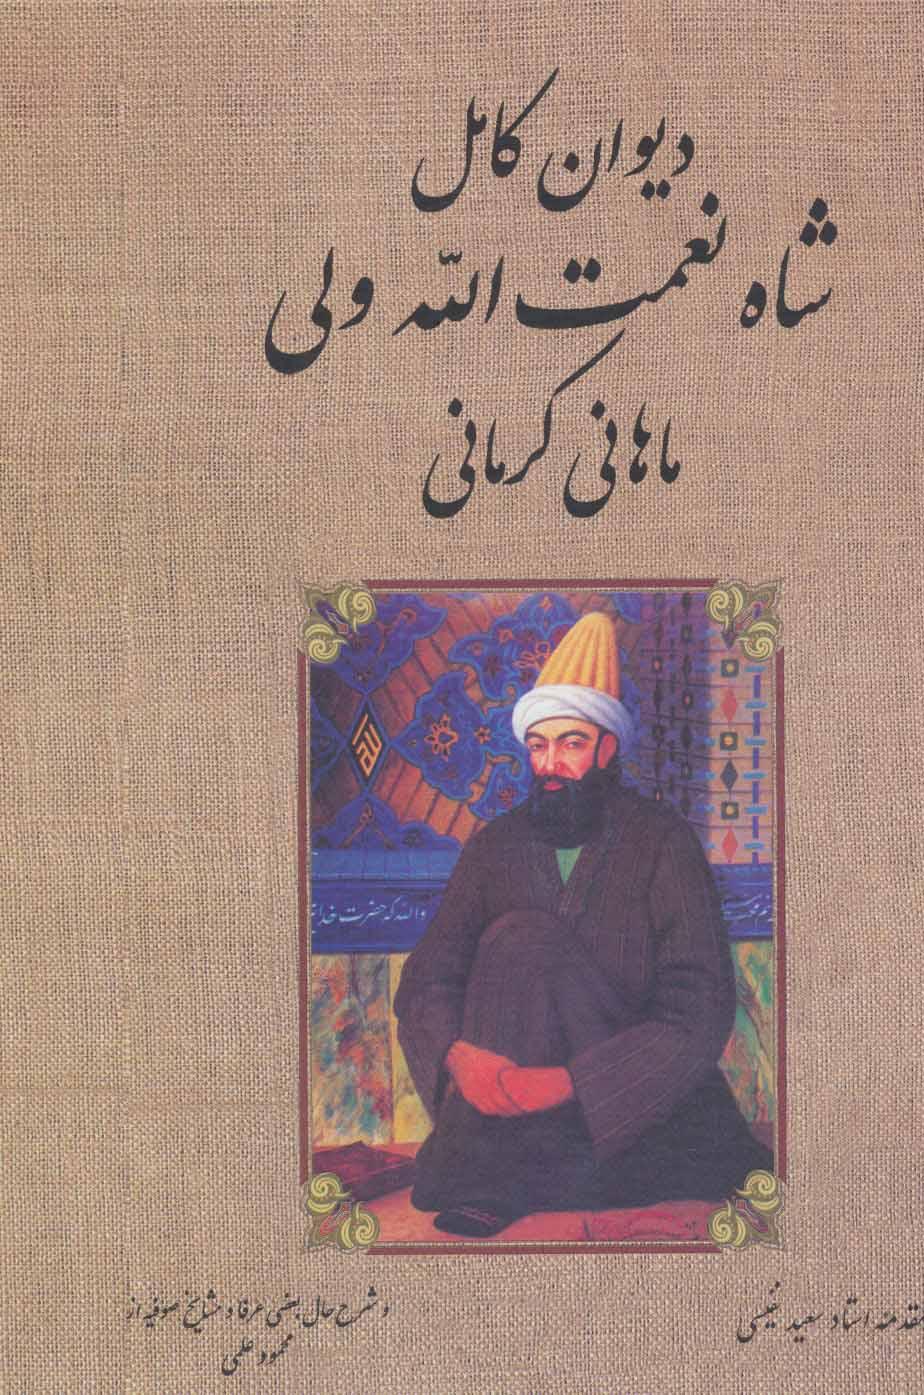 دیوان کامل شاه نعمت الله ولی ماهانی کرمانی